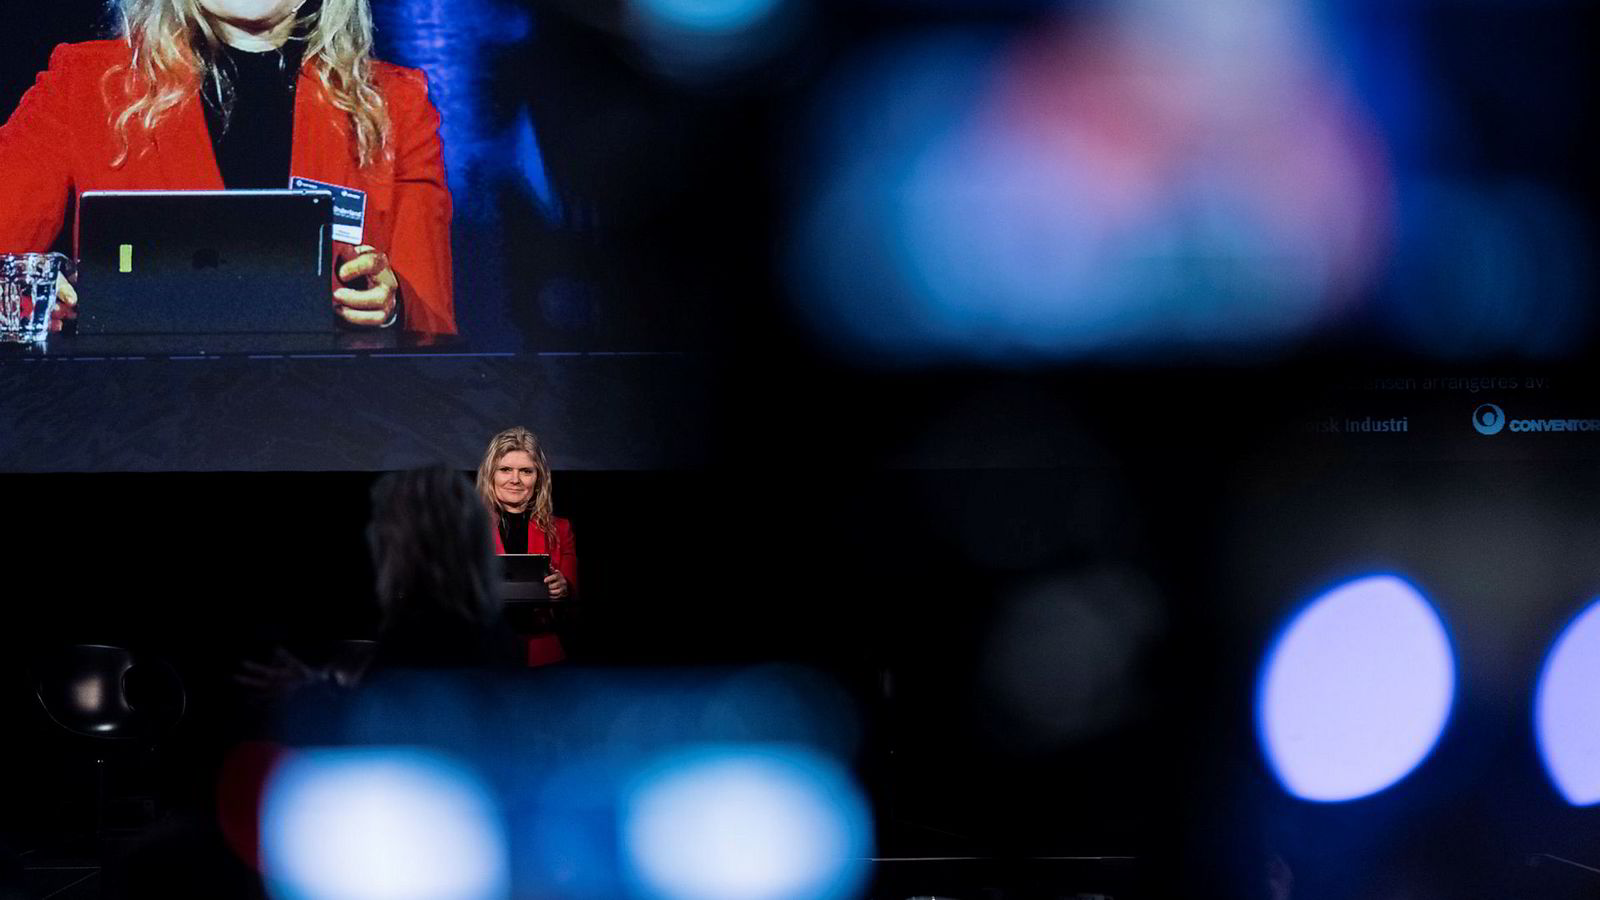 Peggy Krantz-Underland er innkjøpsdirektør i Equinor, og en omsvermet person blant oljeleverandørene på Offshore-strategikonferansen i Stavanger. Selskapet kjøpte varer og tjenester for 144 milliarder kroner globalt i 2017.